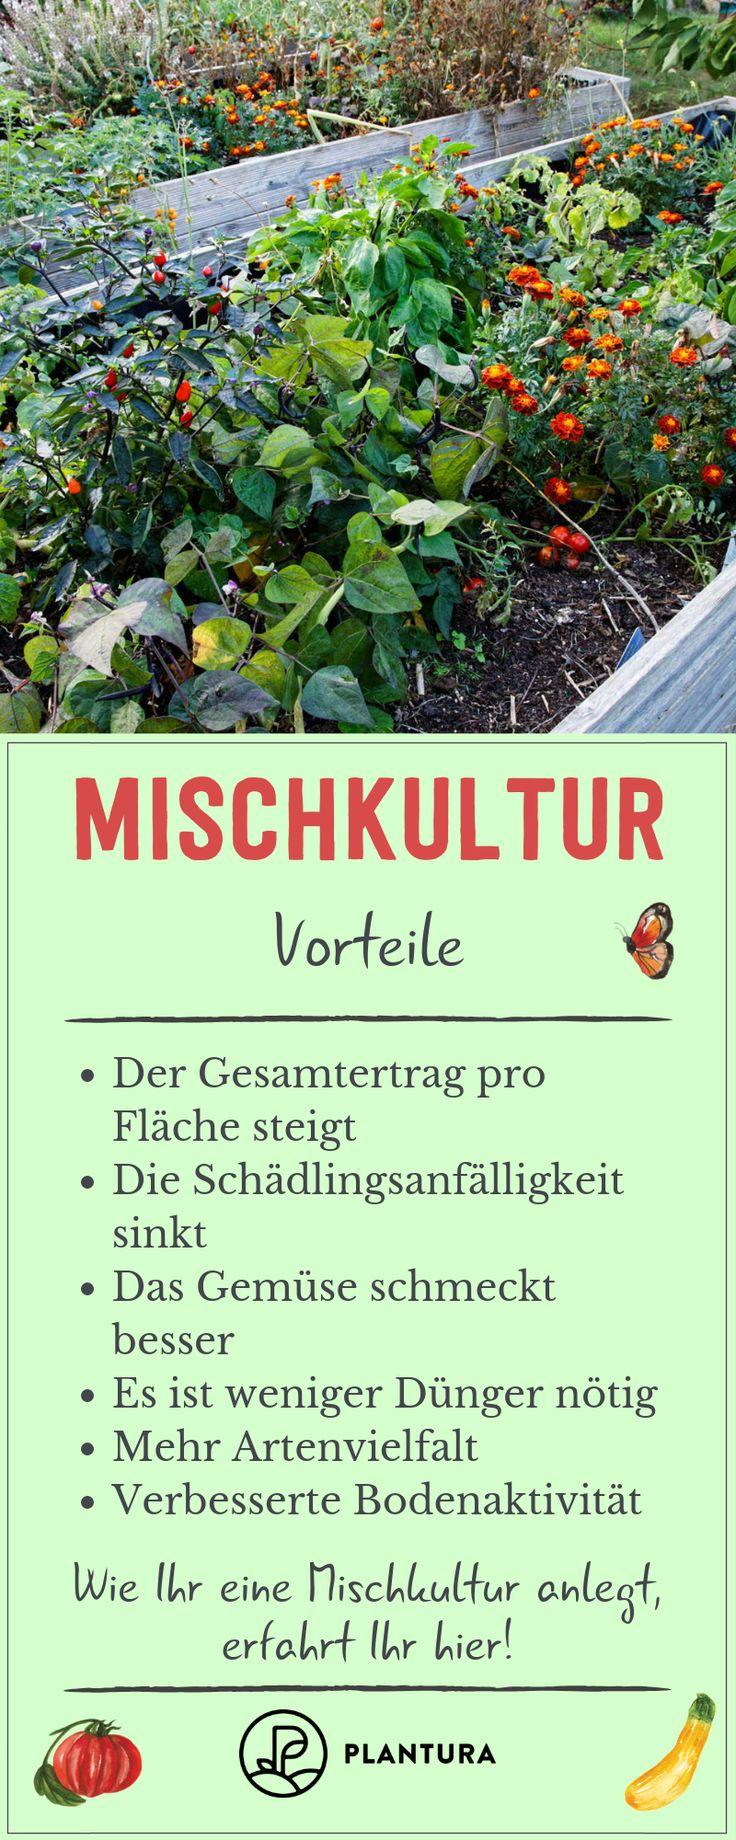 Mischkultur: Welche Pflanzen passen ideal zusammen